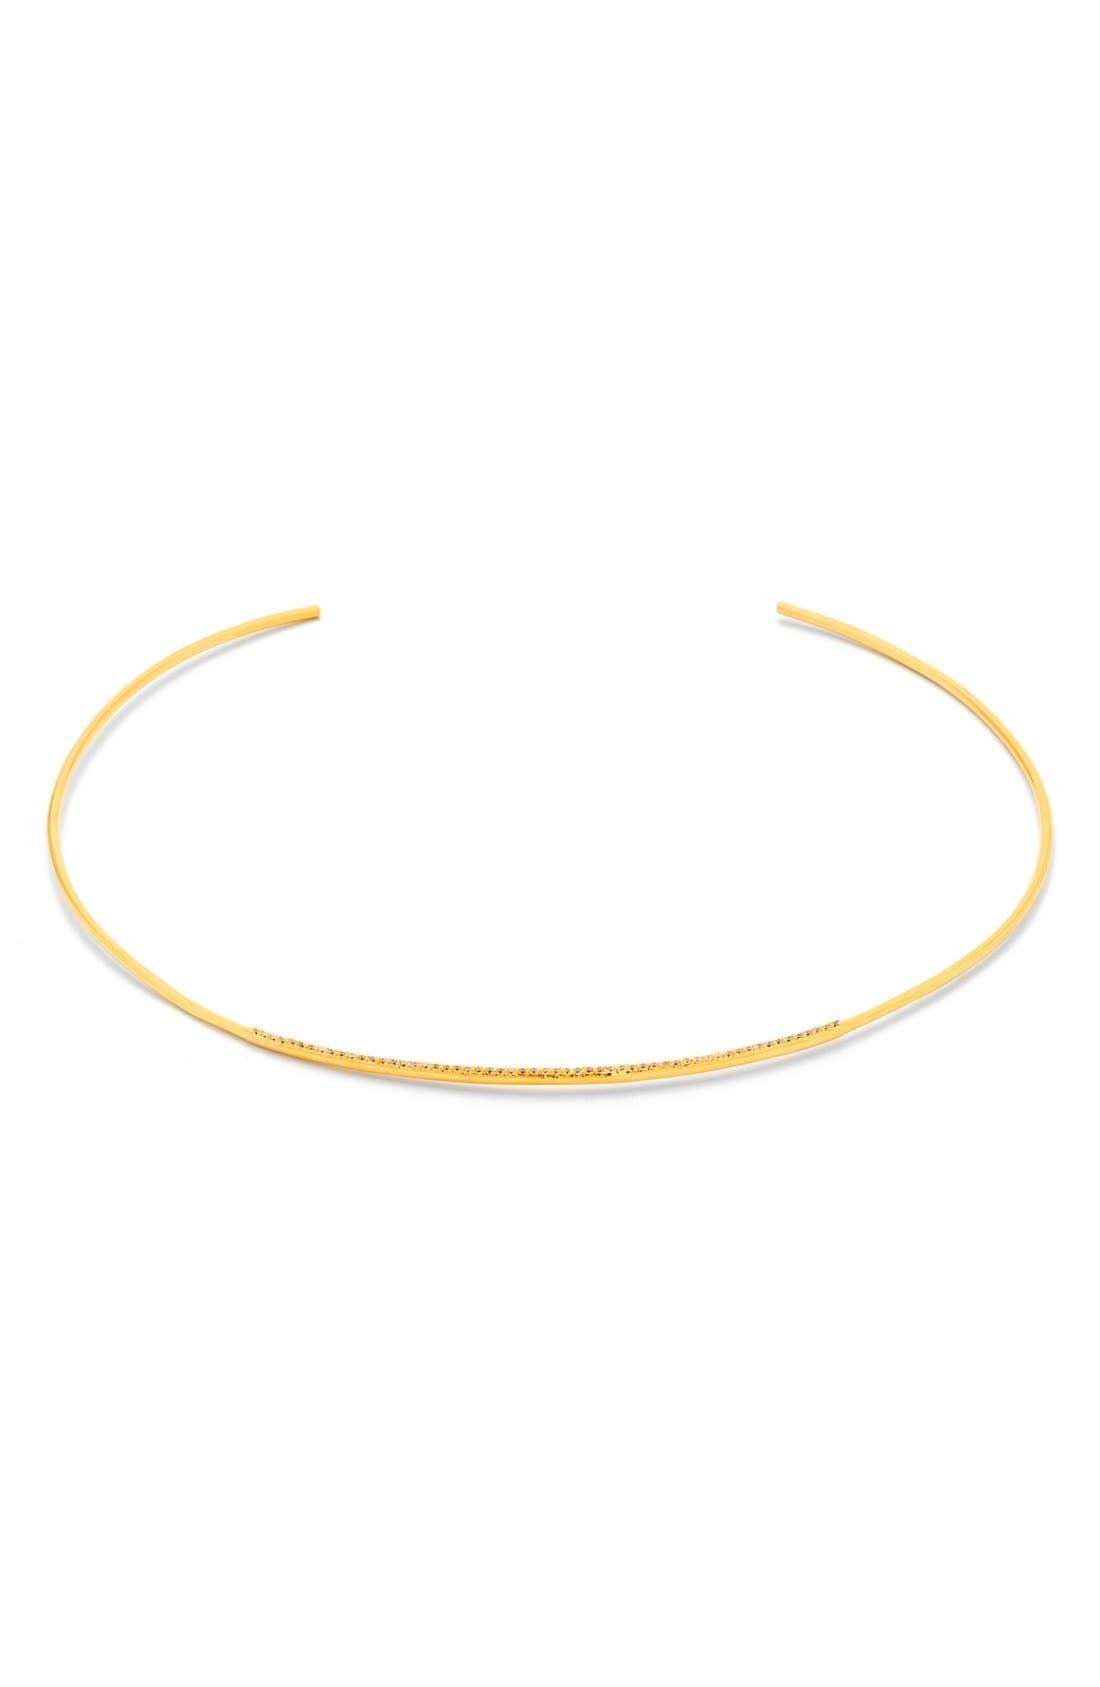 Alternate Image 1 Selected - gorjana 'Petra' Pavé Choker Necklace